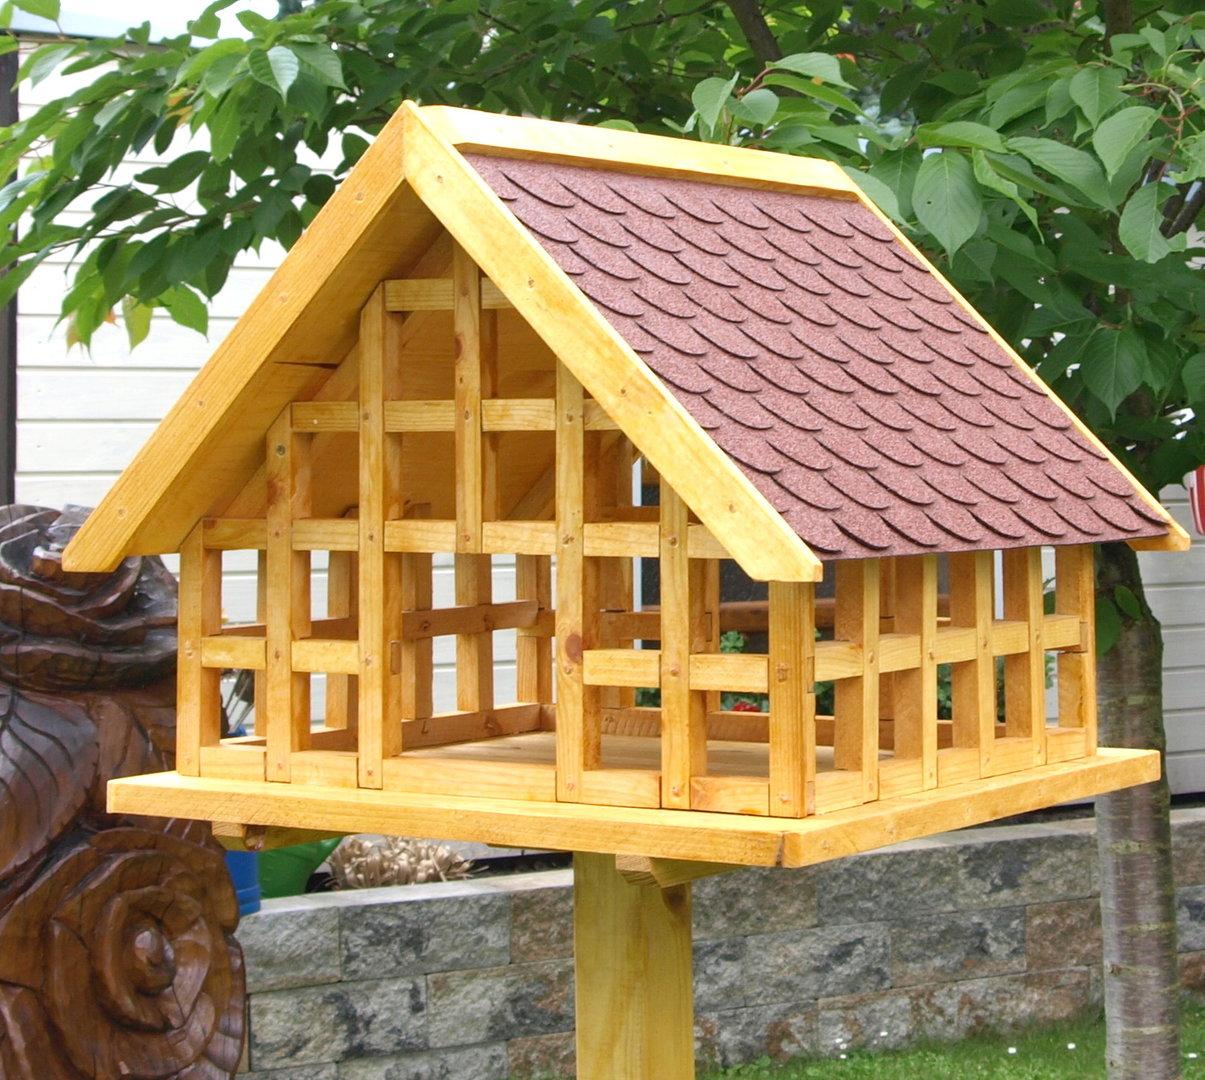 xxl fachwerk vogelhaus mit roten bitumenschindeln karl hufeld ihr vogelhaus. Black Bedroom Furniture Sets. Home Design Ideas